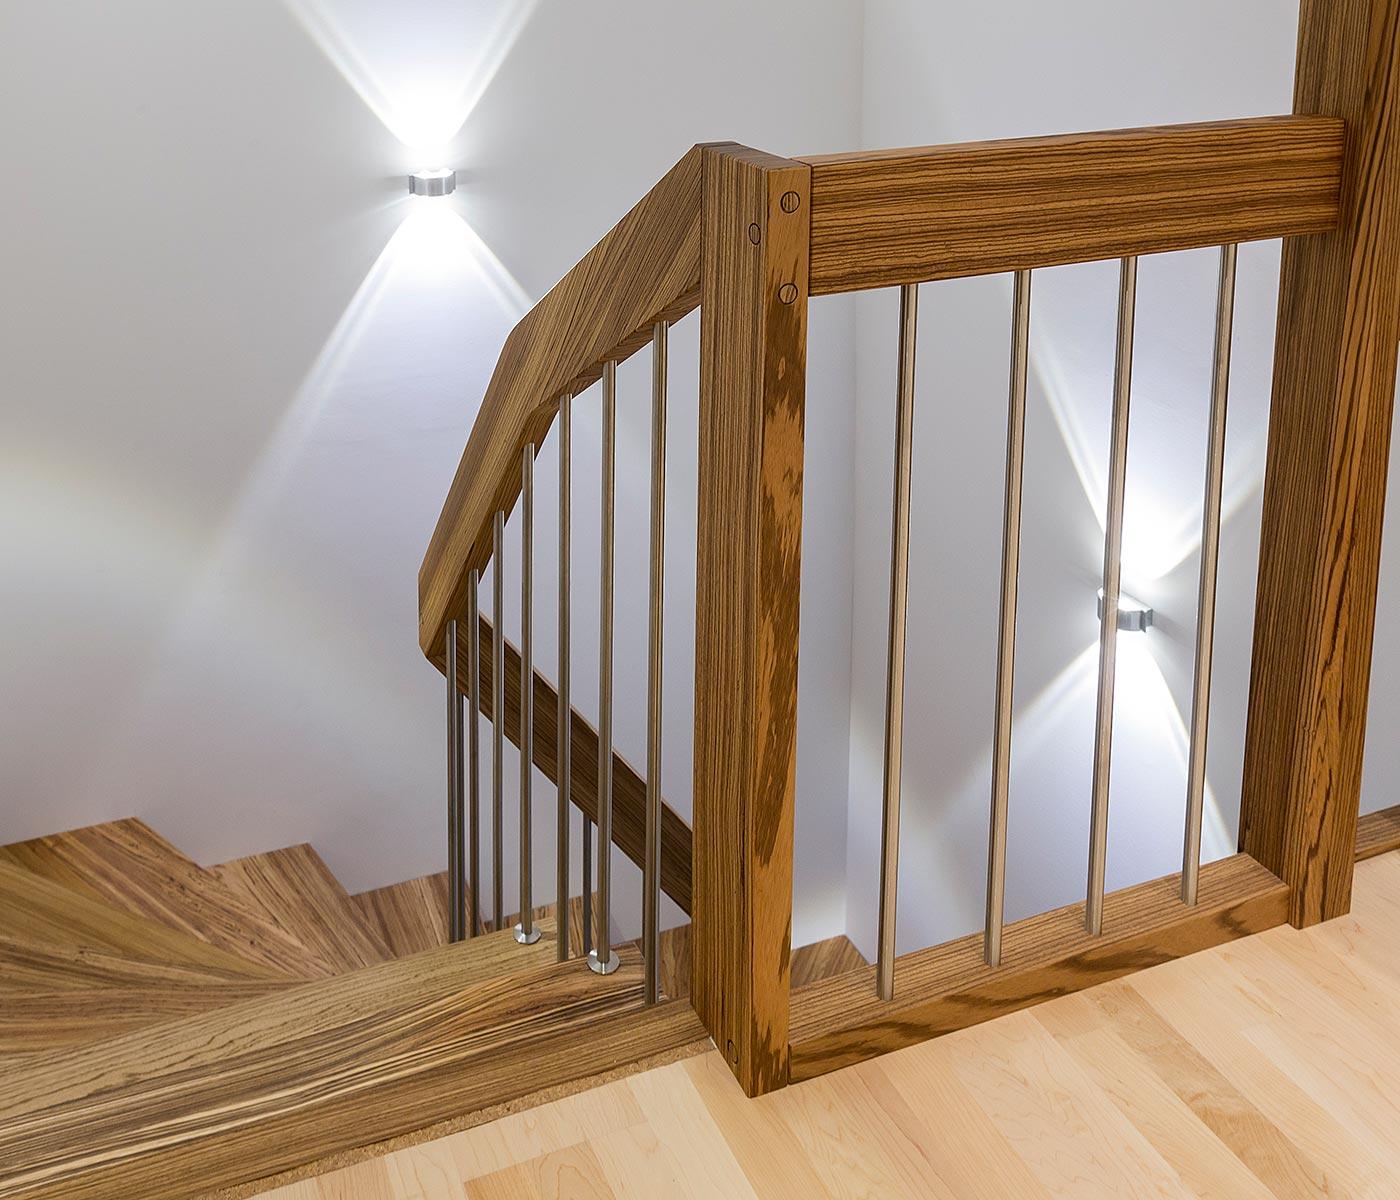 Handlauftragende Treppen | Carstens Tischlerei, Hude